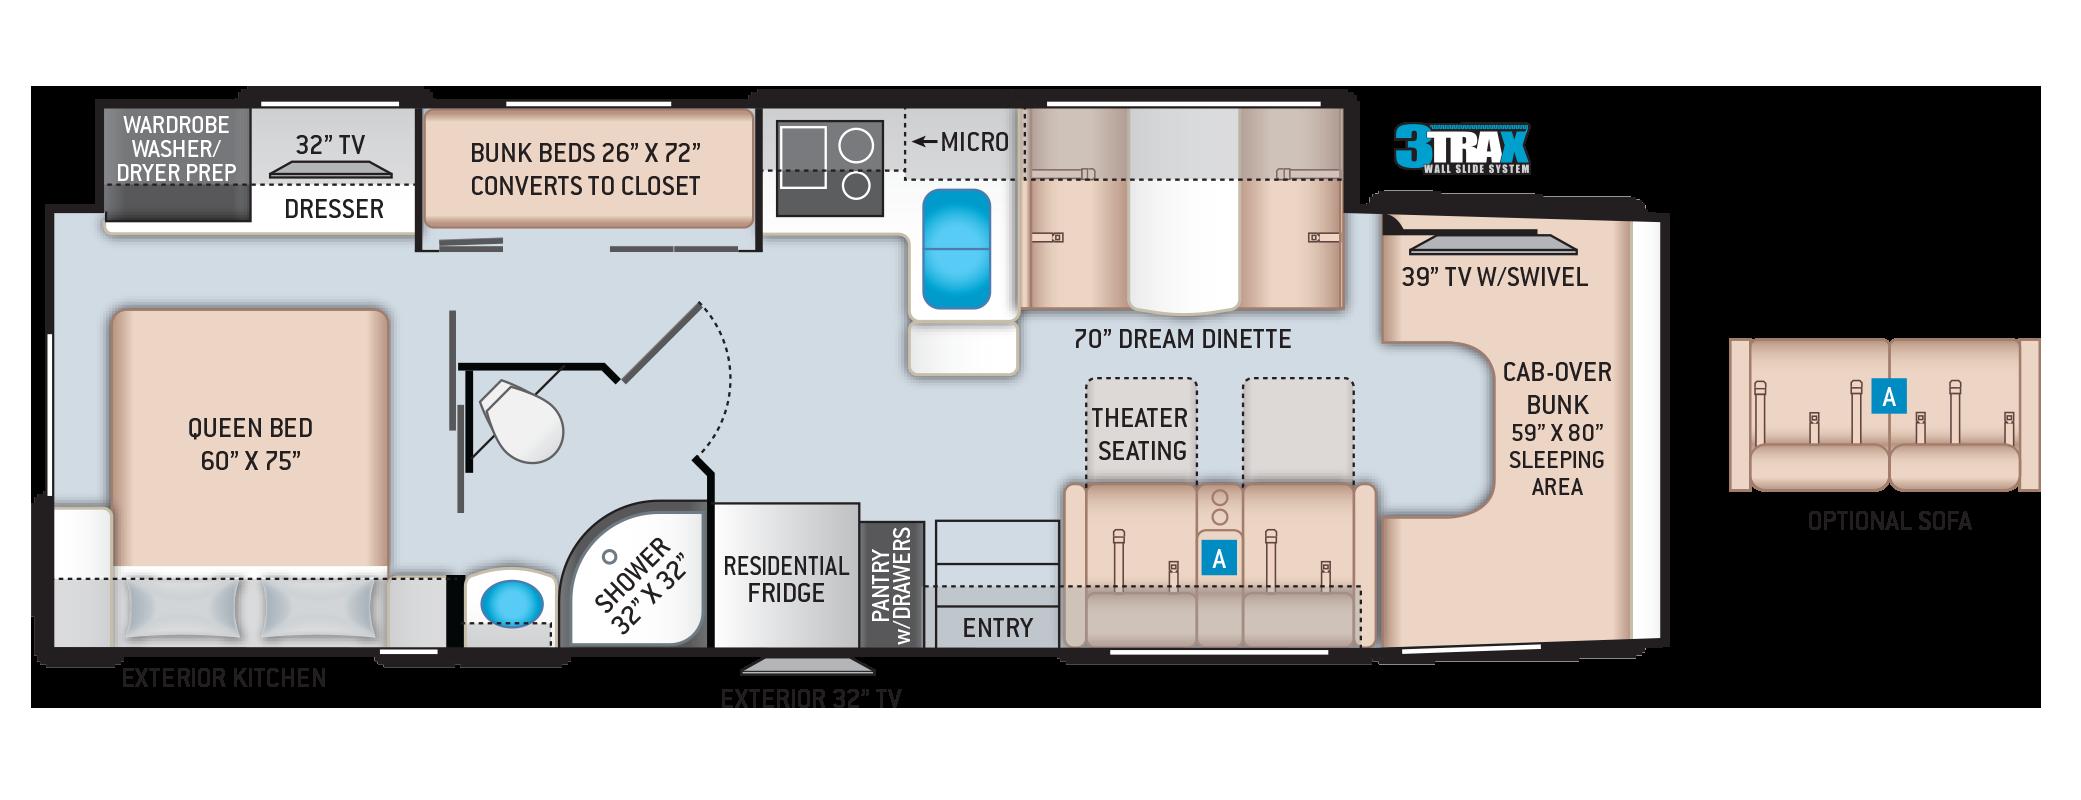 Omni Super C RV RB34 Floor Plan